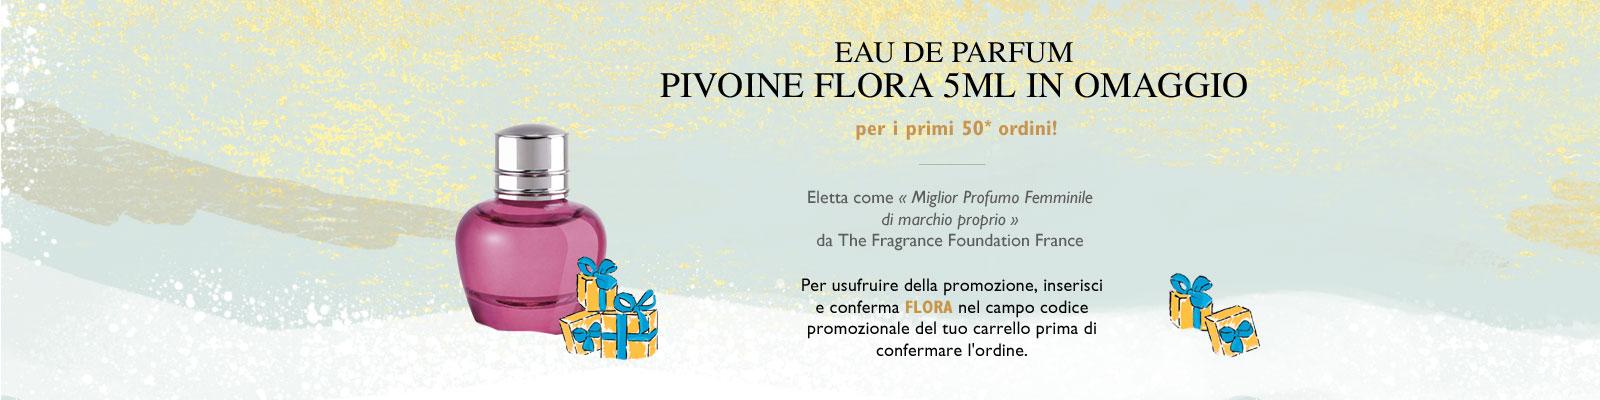 Offre Pivoine - L'Occitane Italia